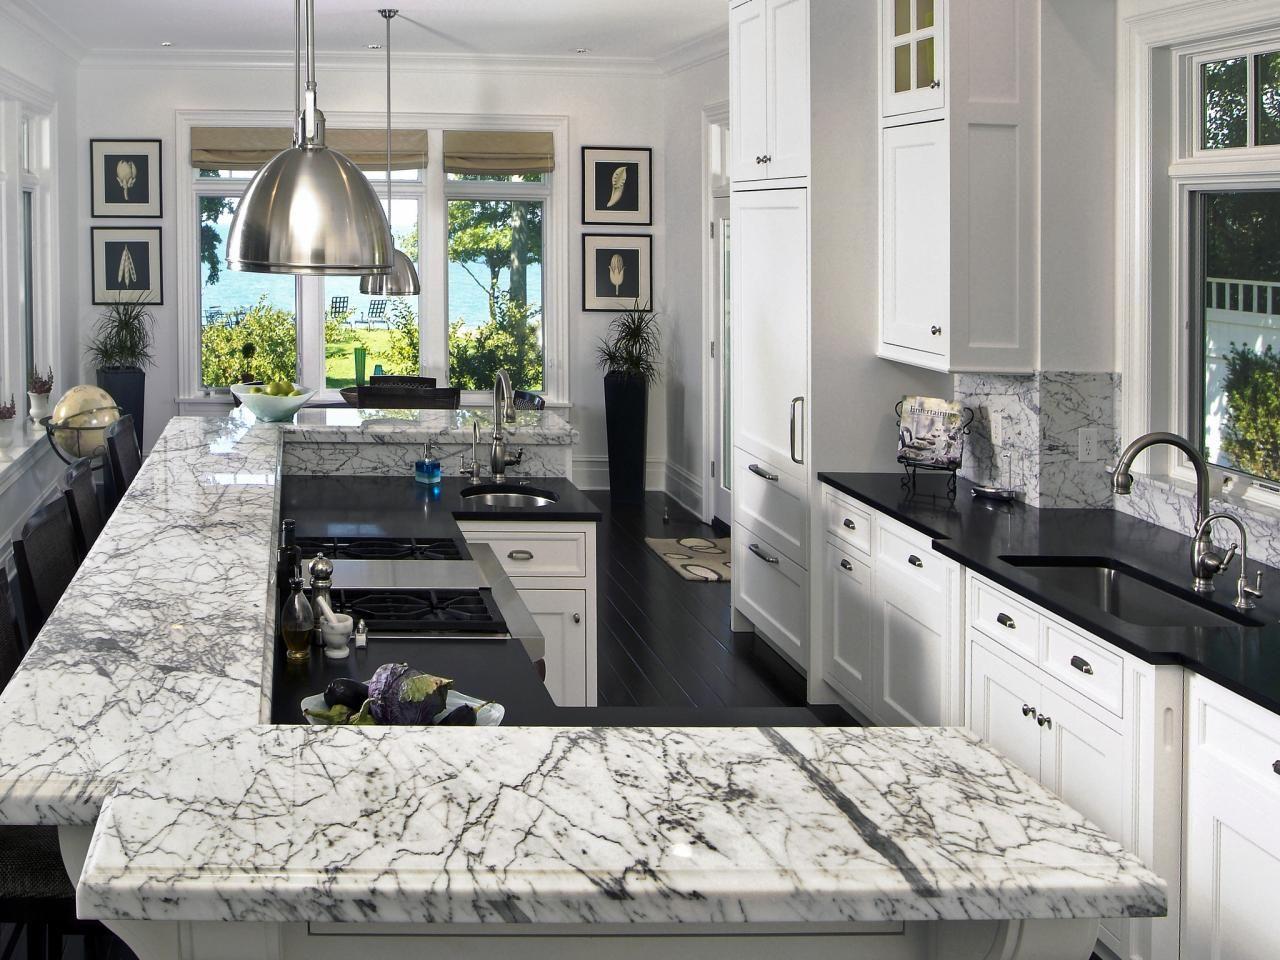 Kitchen And Bathroom Remodel Contractors San Jose Santa Clara Palo Alto In Santa Clara Ca